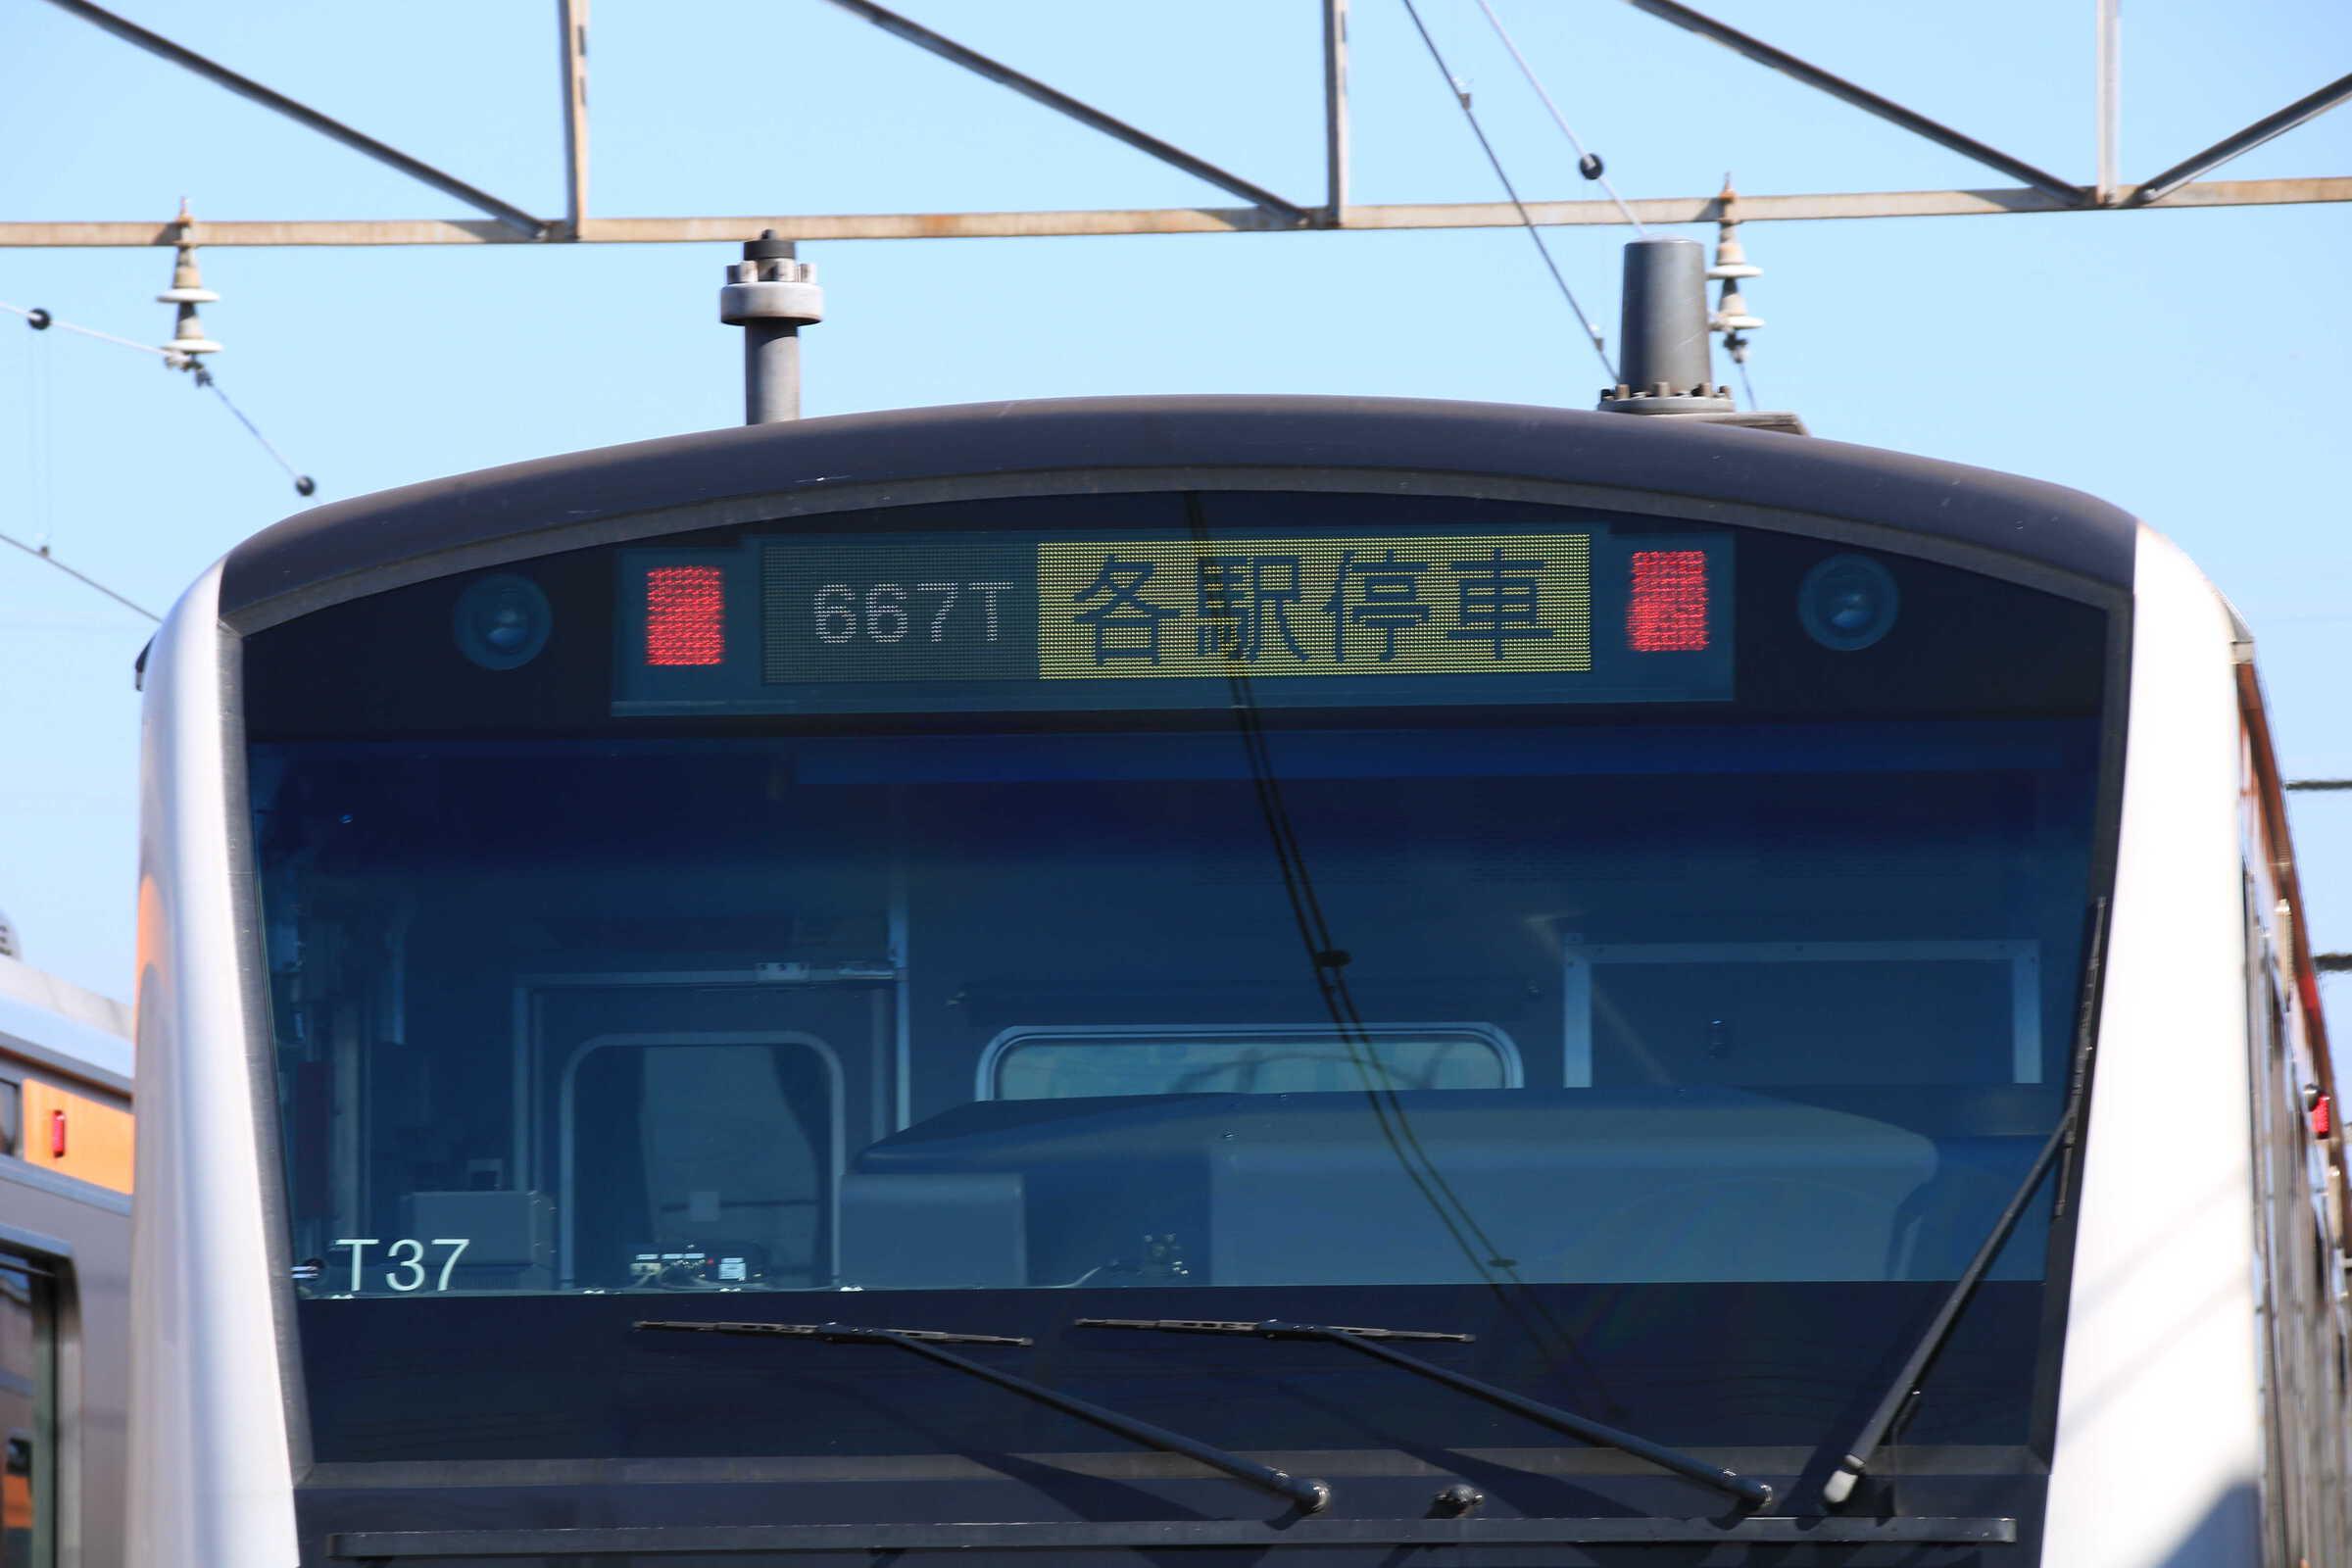 667T 各駅停車 日野行き E233系 八トタT37編成